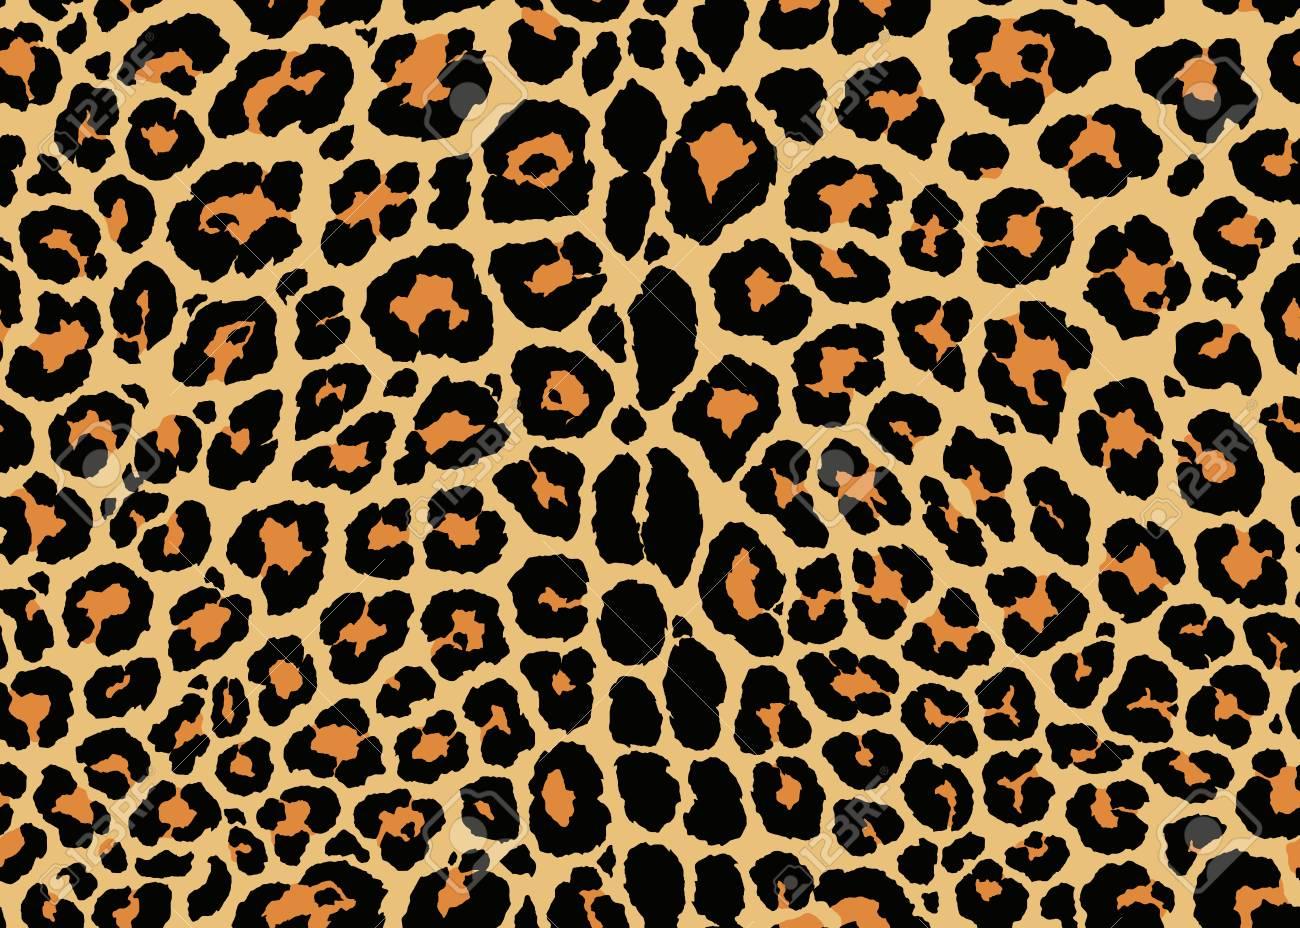 Leopard pattern design. Seamless Leopard pattern design, vector illustration background. Fur animal skin design illustration for web, fashion, textile, print, and surface design - 120547603